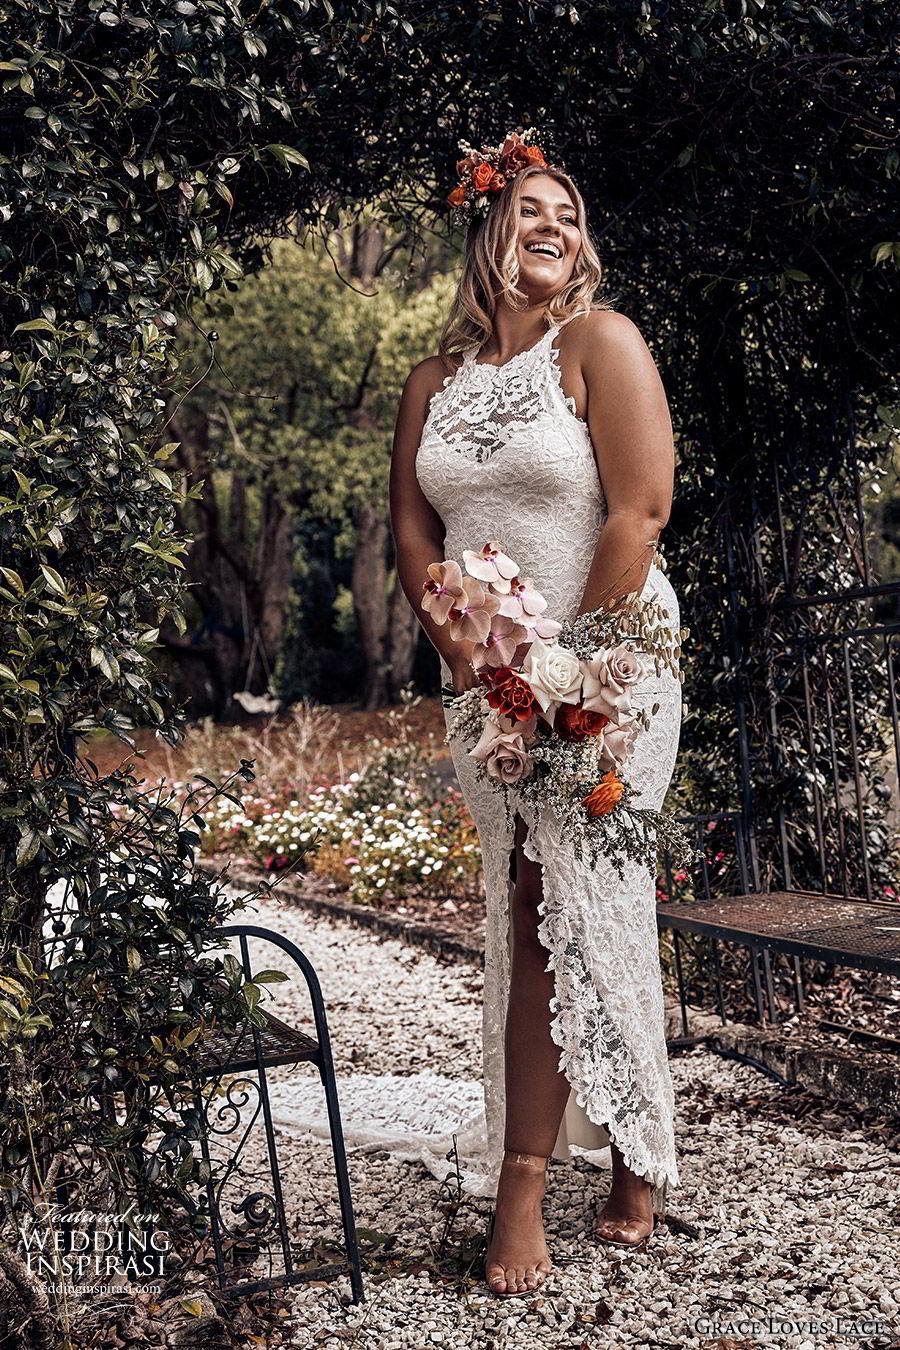 grace loves lace 2019 bridal sleeveless illusion halter neck sweetheart fully embellished lace sheath wedding dress slit skirt romantic boho chic plus size (3) mv